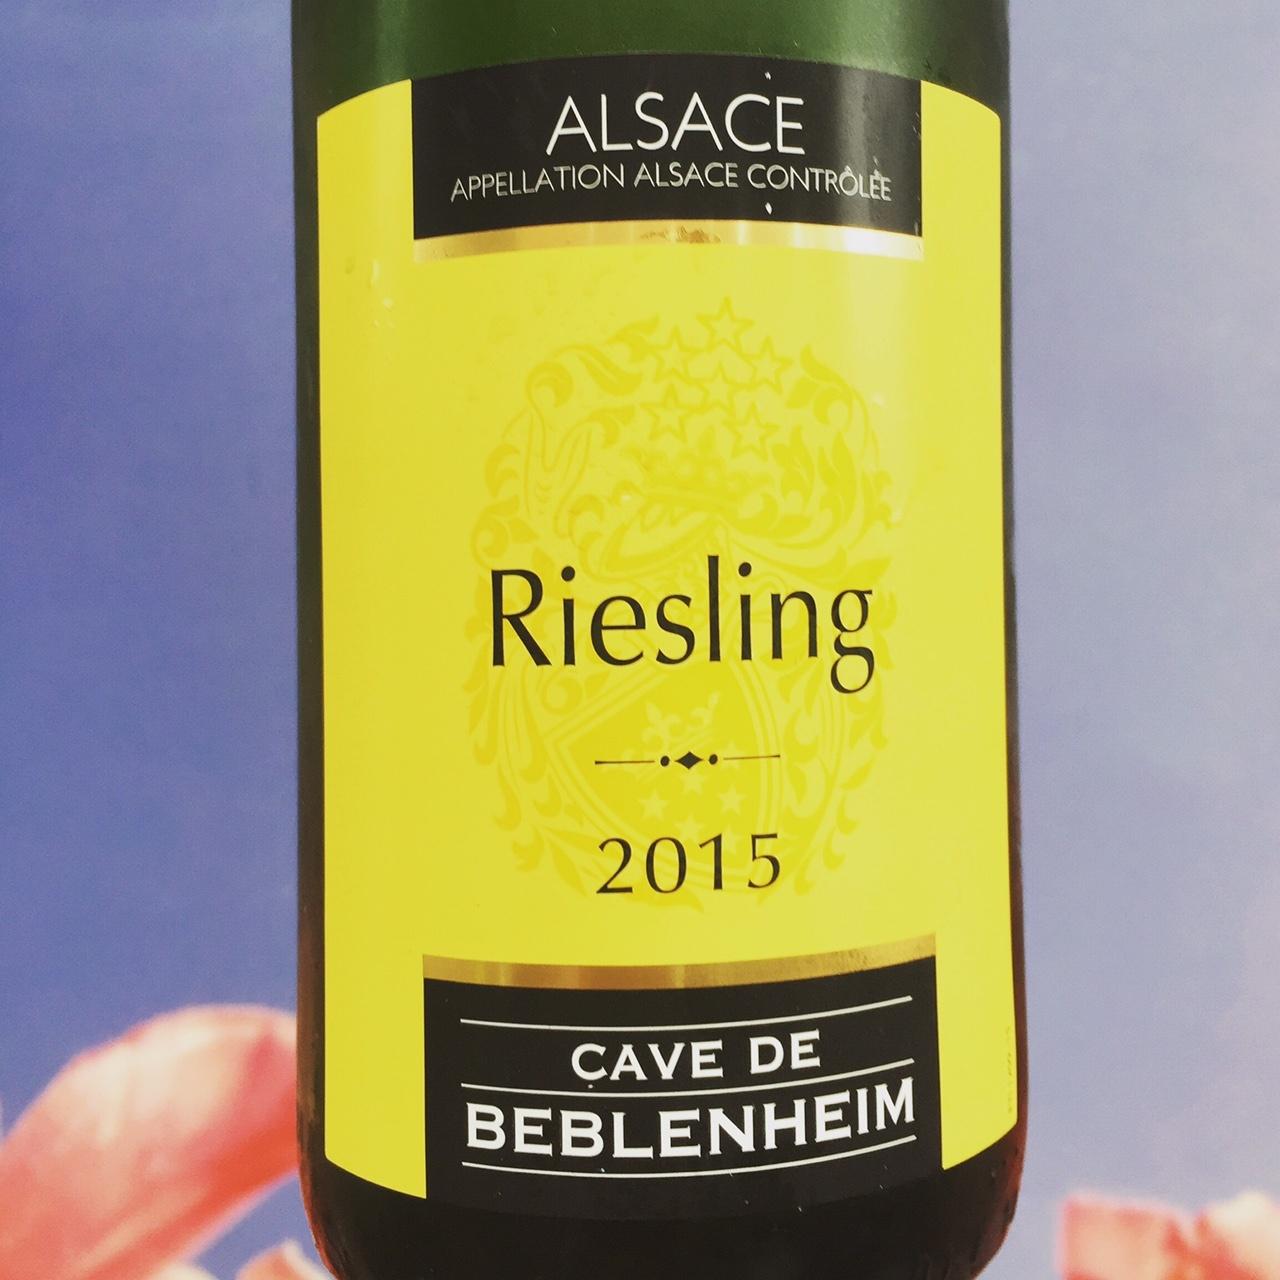 Riesling wijnreview door Mama Drinkt Wijn, vinoloog sinds 2006